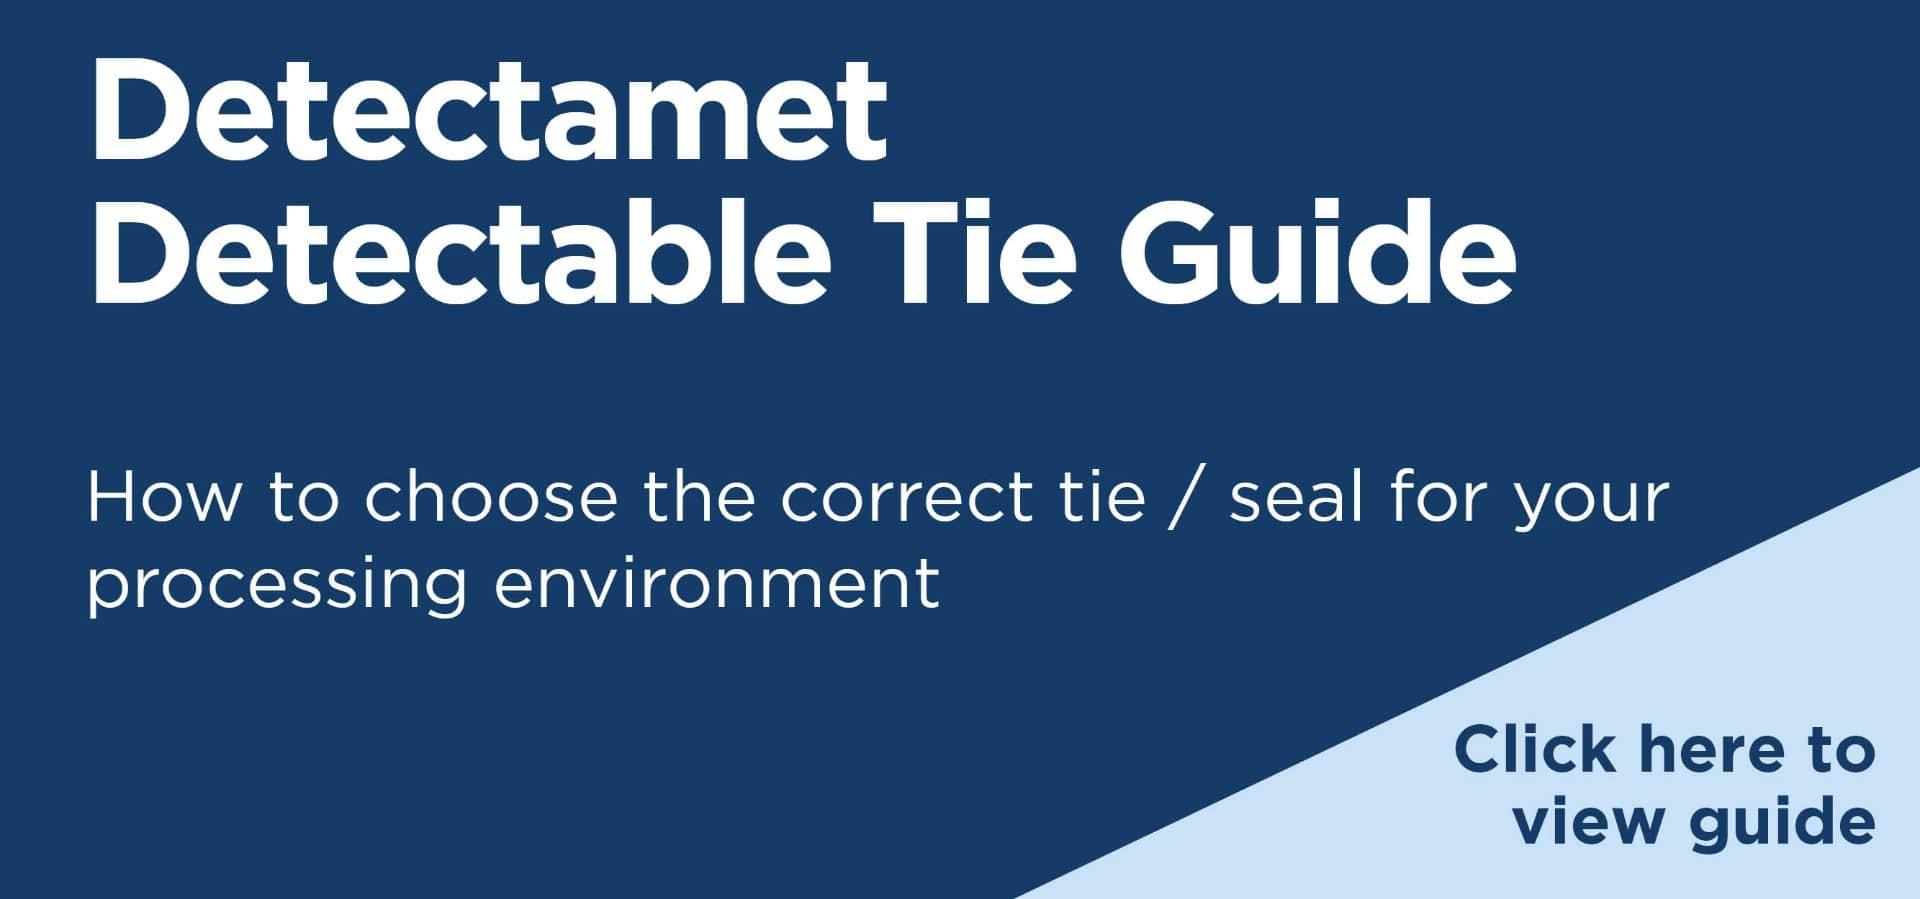 Detectamet Detectable Ties, Tags & Labels Guide